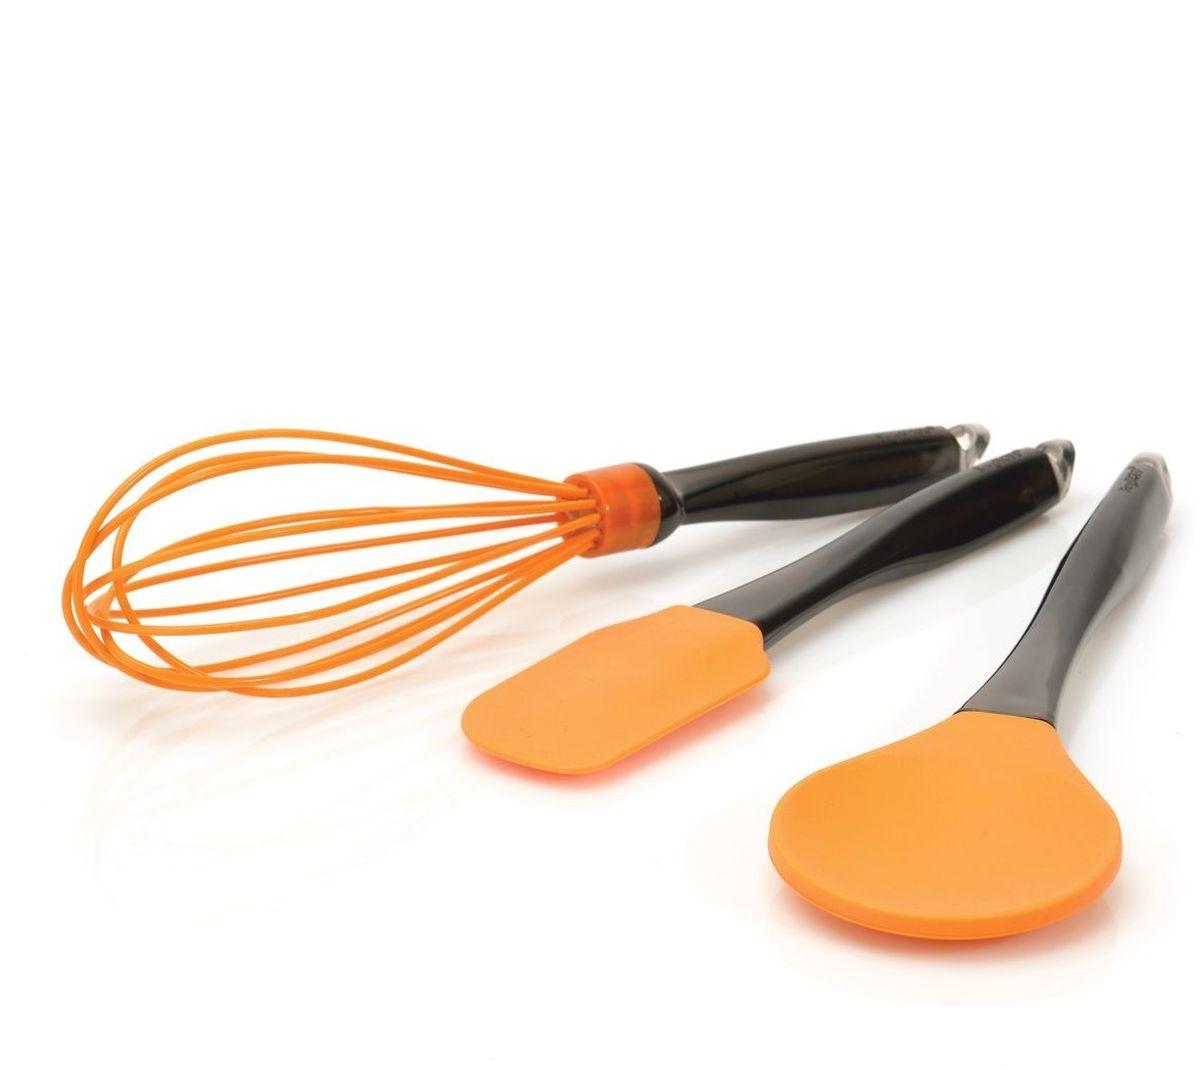 Набор кухонных принадлежностей BergHOFF, цвет: оранжевый, 3 предмета4491006Набор кухонных принадлежностей BergHOFF состоит из двух лопаток и венчика. Рабочая часть предметов выполнена из силикона яркого цвета, поэтому они идеально подходят для посуды с антипригарным и керамическим покрытием. Эргономичные рукоятки изготовлены из высококачественного пластика. Благодаря специальным петелькам на ручках предметы набора можно повесить в любом удобном месте.